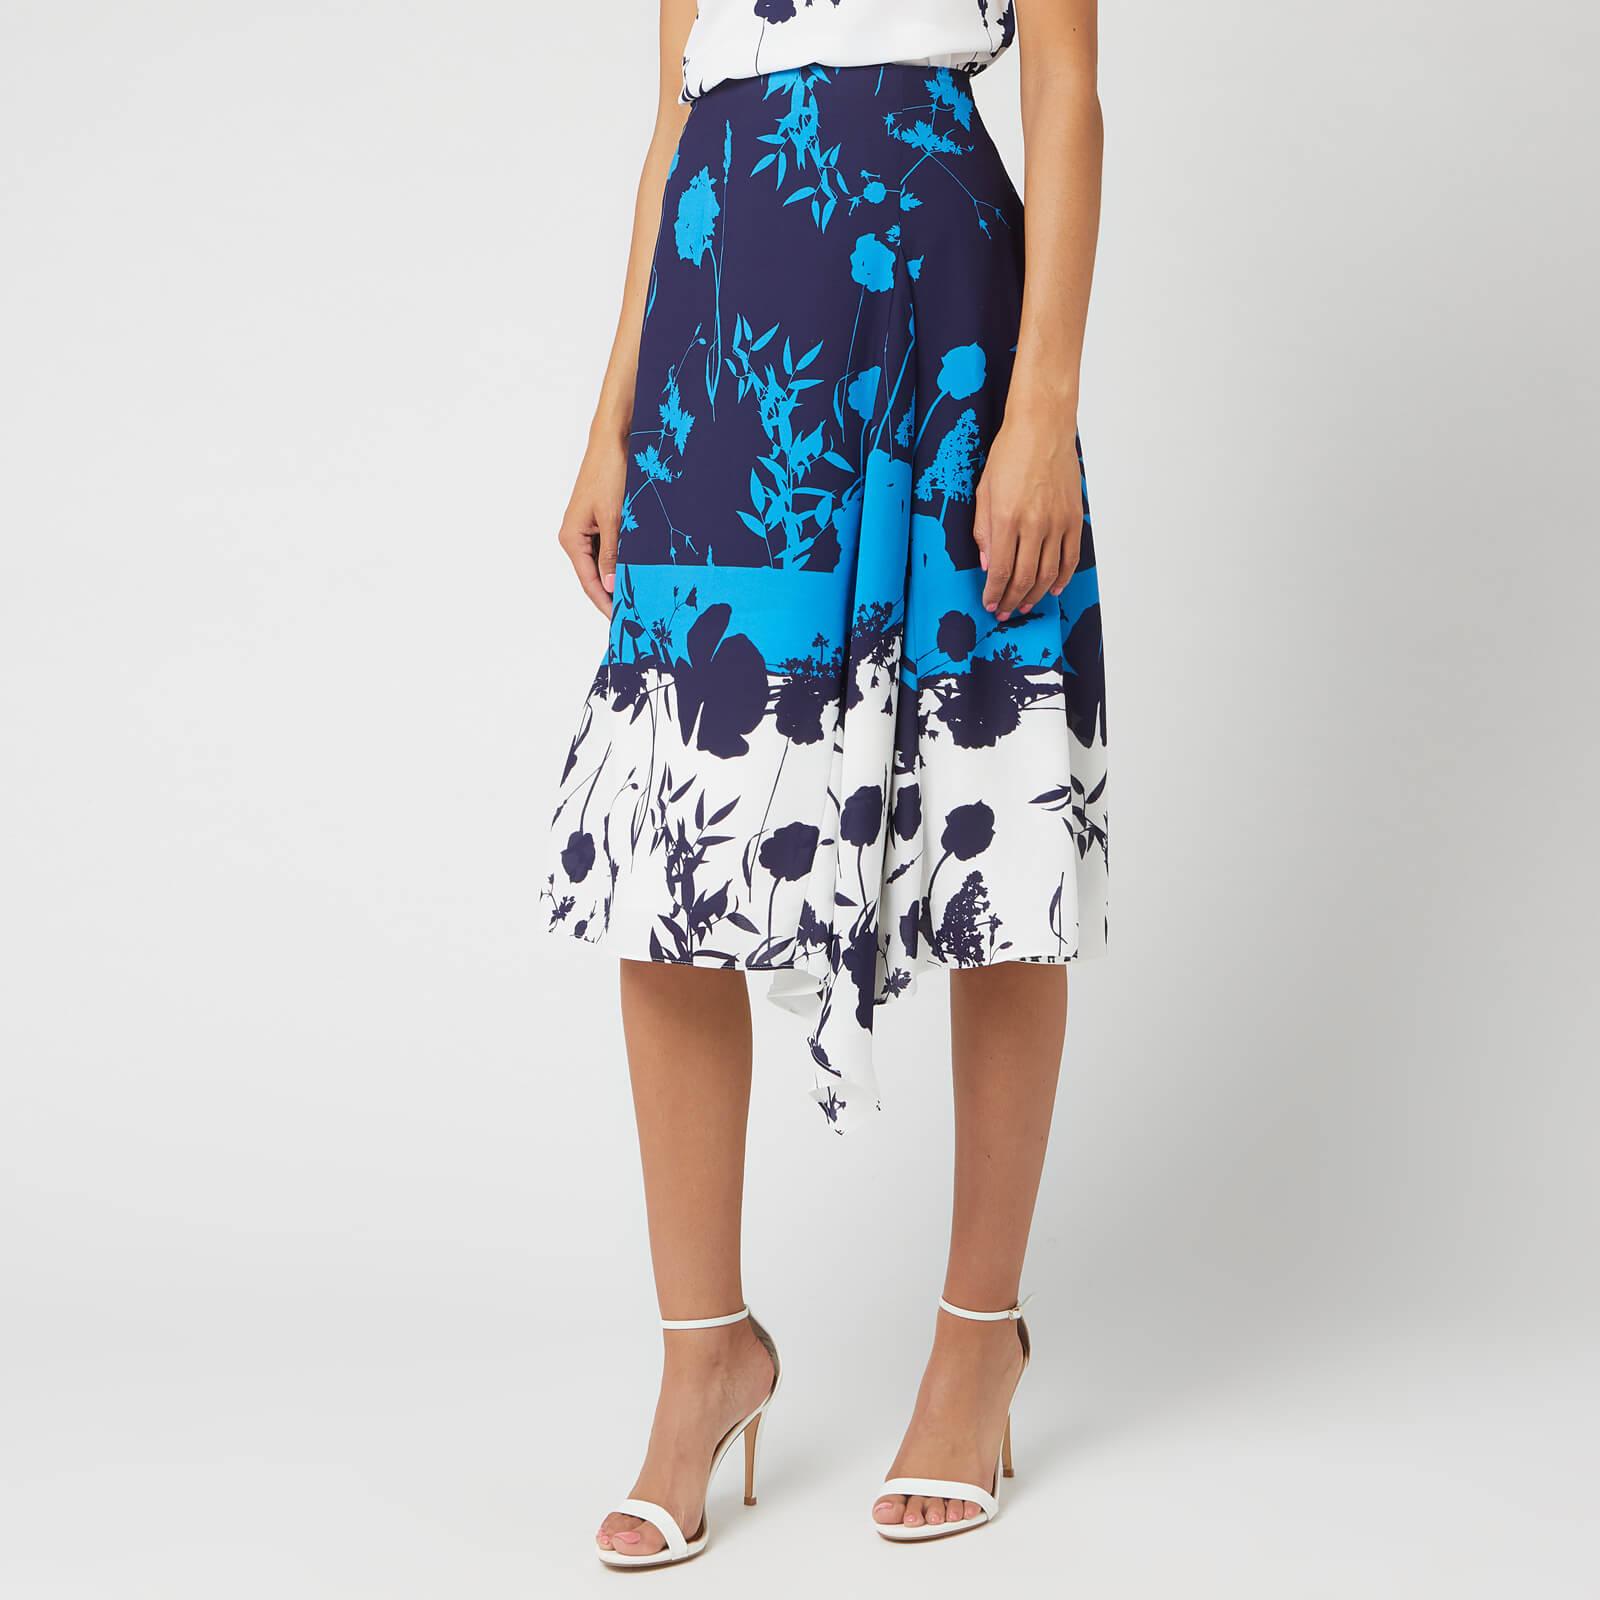 Ted Baker Women's Samanth Bluebell Asymmetric Hem Skirt - Dark Blue - 4/UK 14 - Blue